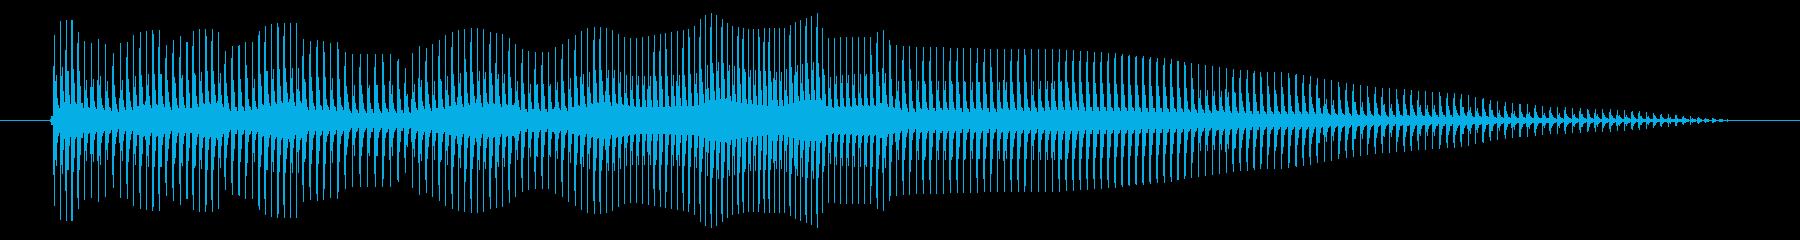 空腹02-5の再生済みの波形